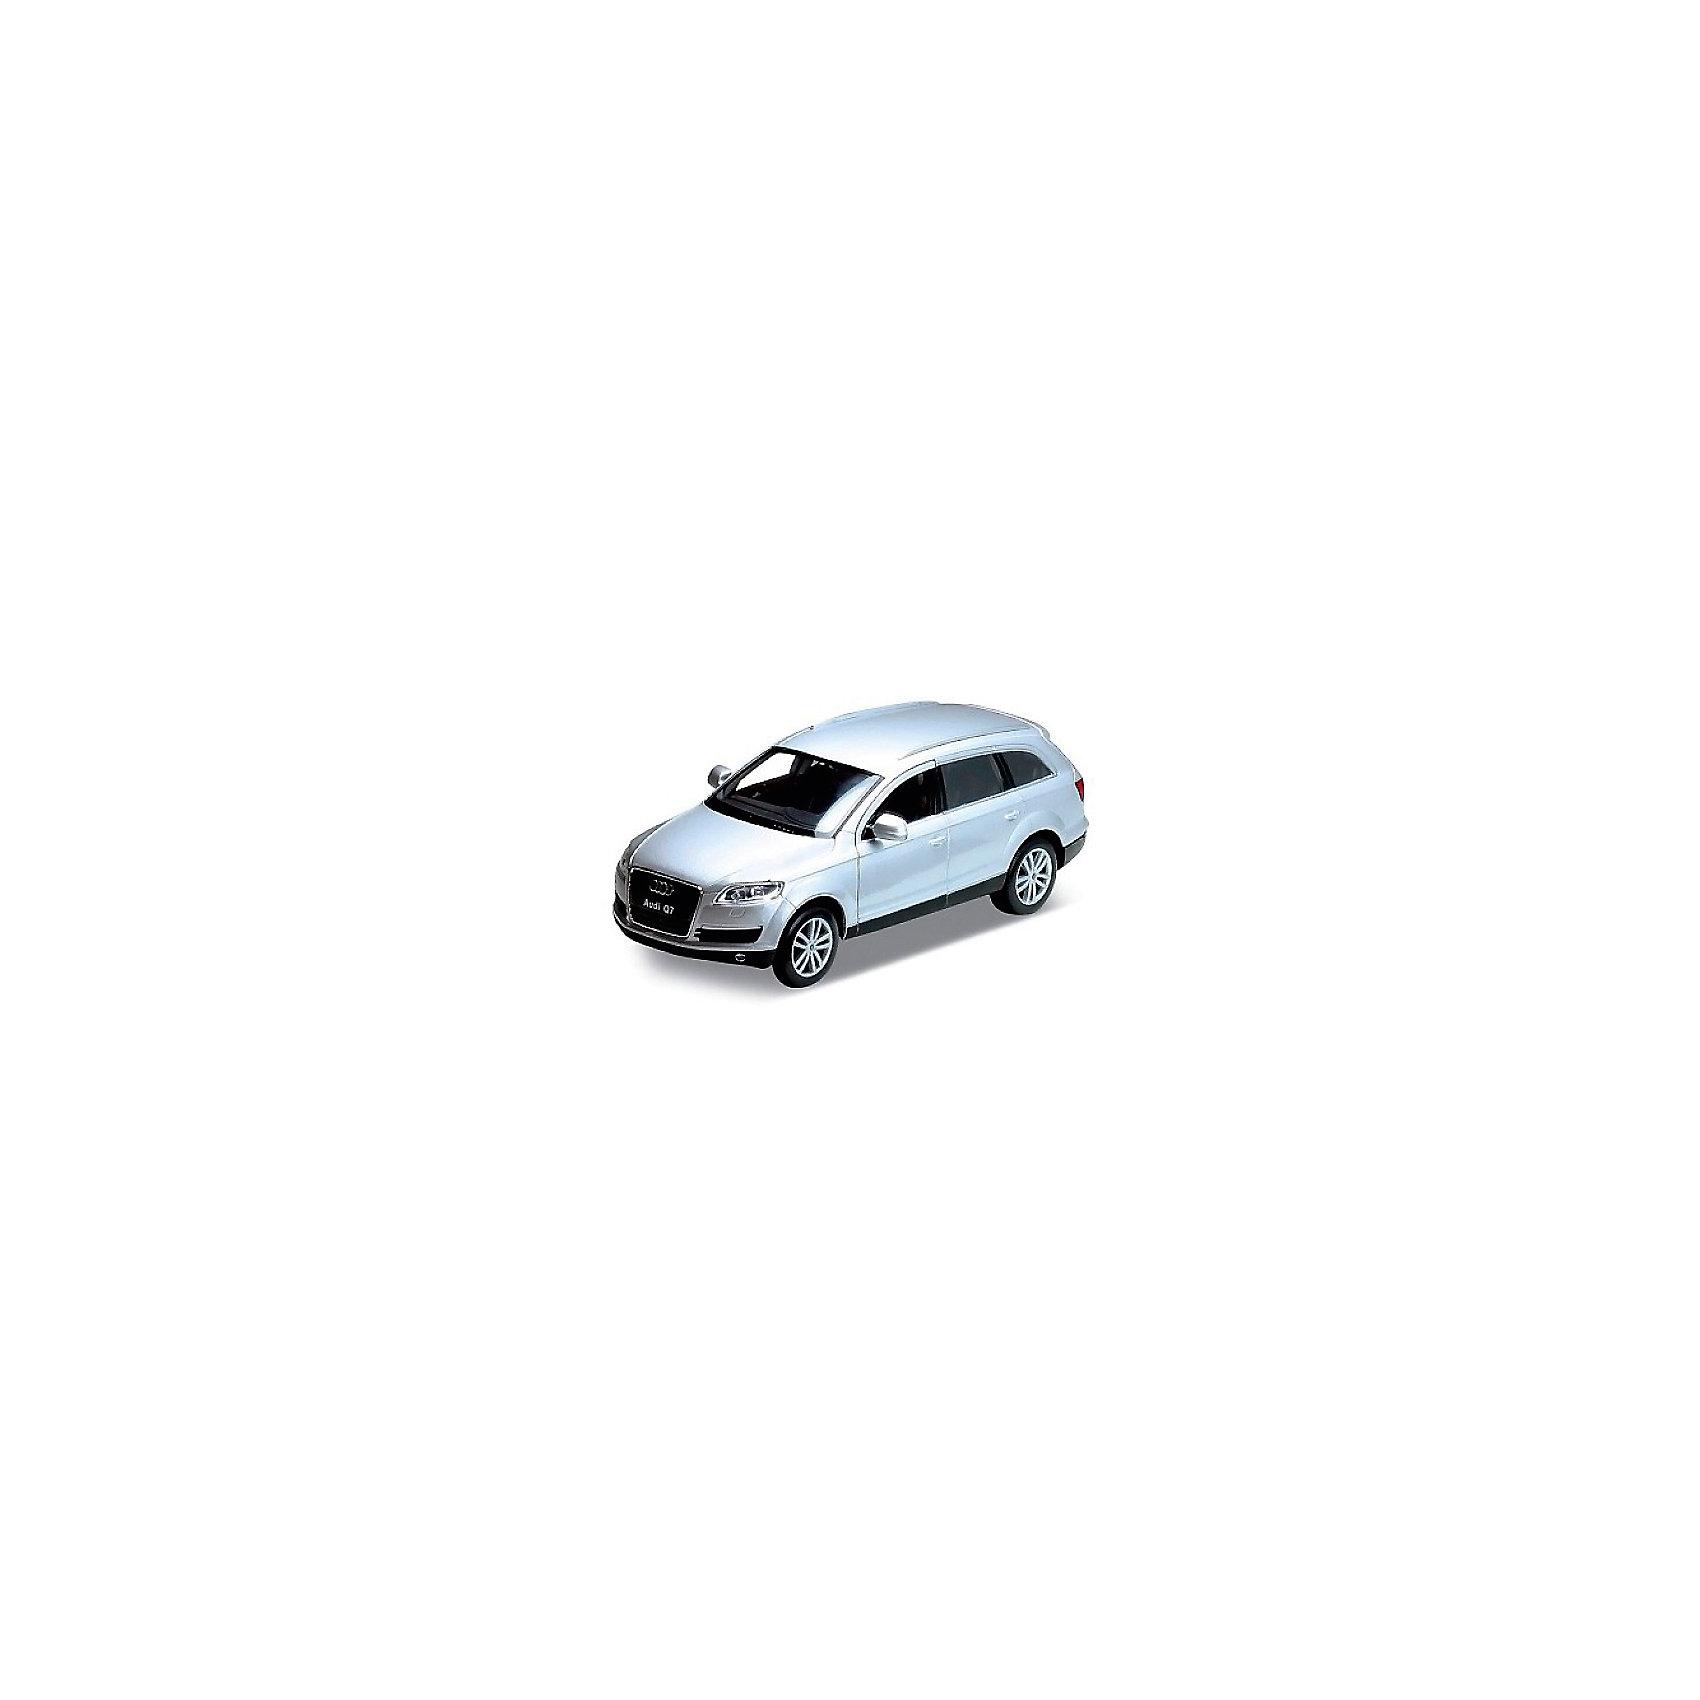 Модель машины 1:32 Audi Q7, WellyКоллекционные модели<br>Коллекционная модель машины Welly масштаба 1:32 Audi Q7, является точной копией настоящего автомобиля. У машины открываются двери. Цвет кузова автомобиля представлен в ассортименте. Выбрать определенный цвет заранее не представляется возможным.<br><br>Ширина мм: 80<br>Глубина мм: 80<br>Высота мм: 180<br>Вес г: 288<br>Возраст от месяцев: 36<br>Возраст до месяцев: 192<br>Пол: Мужской<br>Возраст: Детский<br>SKU: 4966500